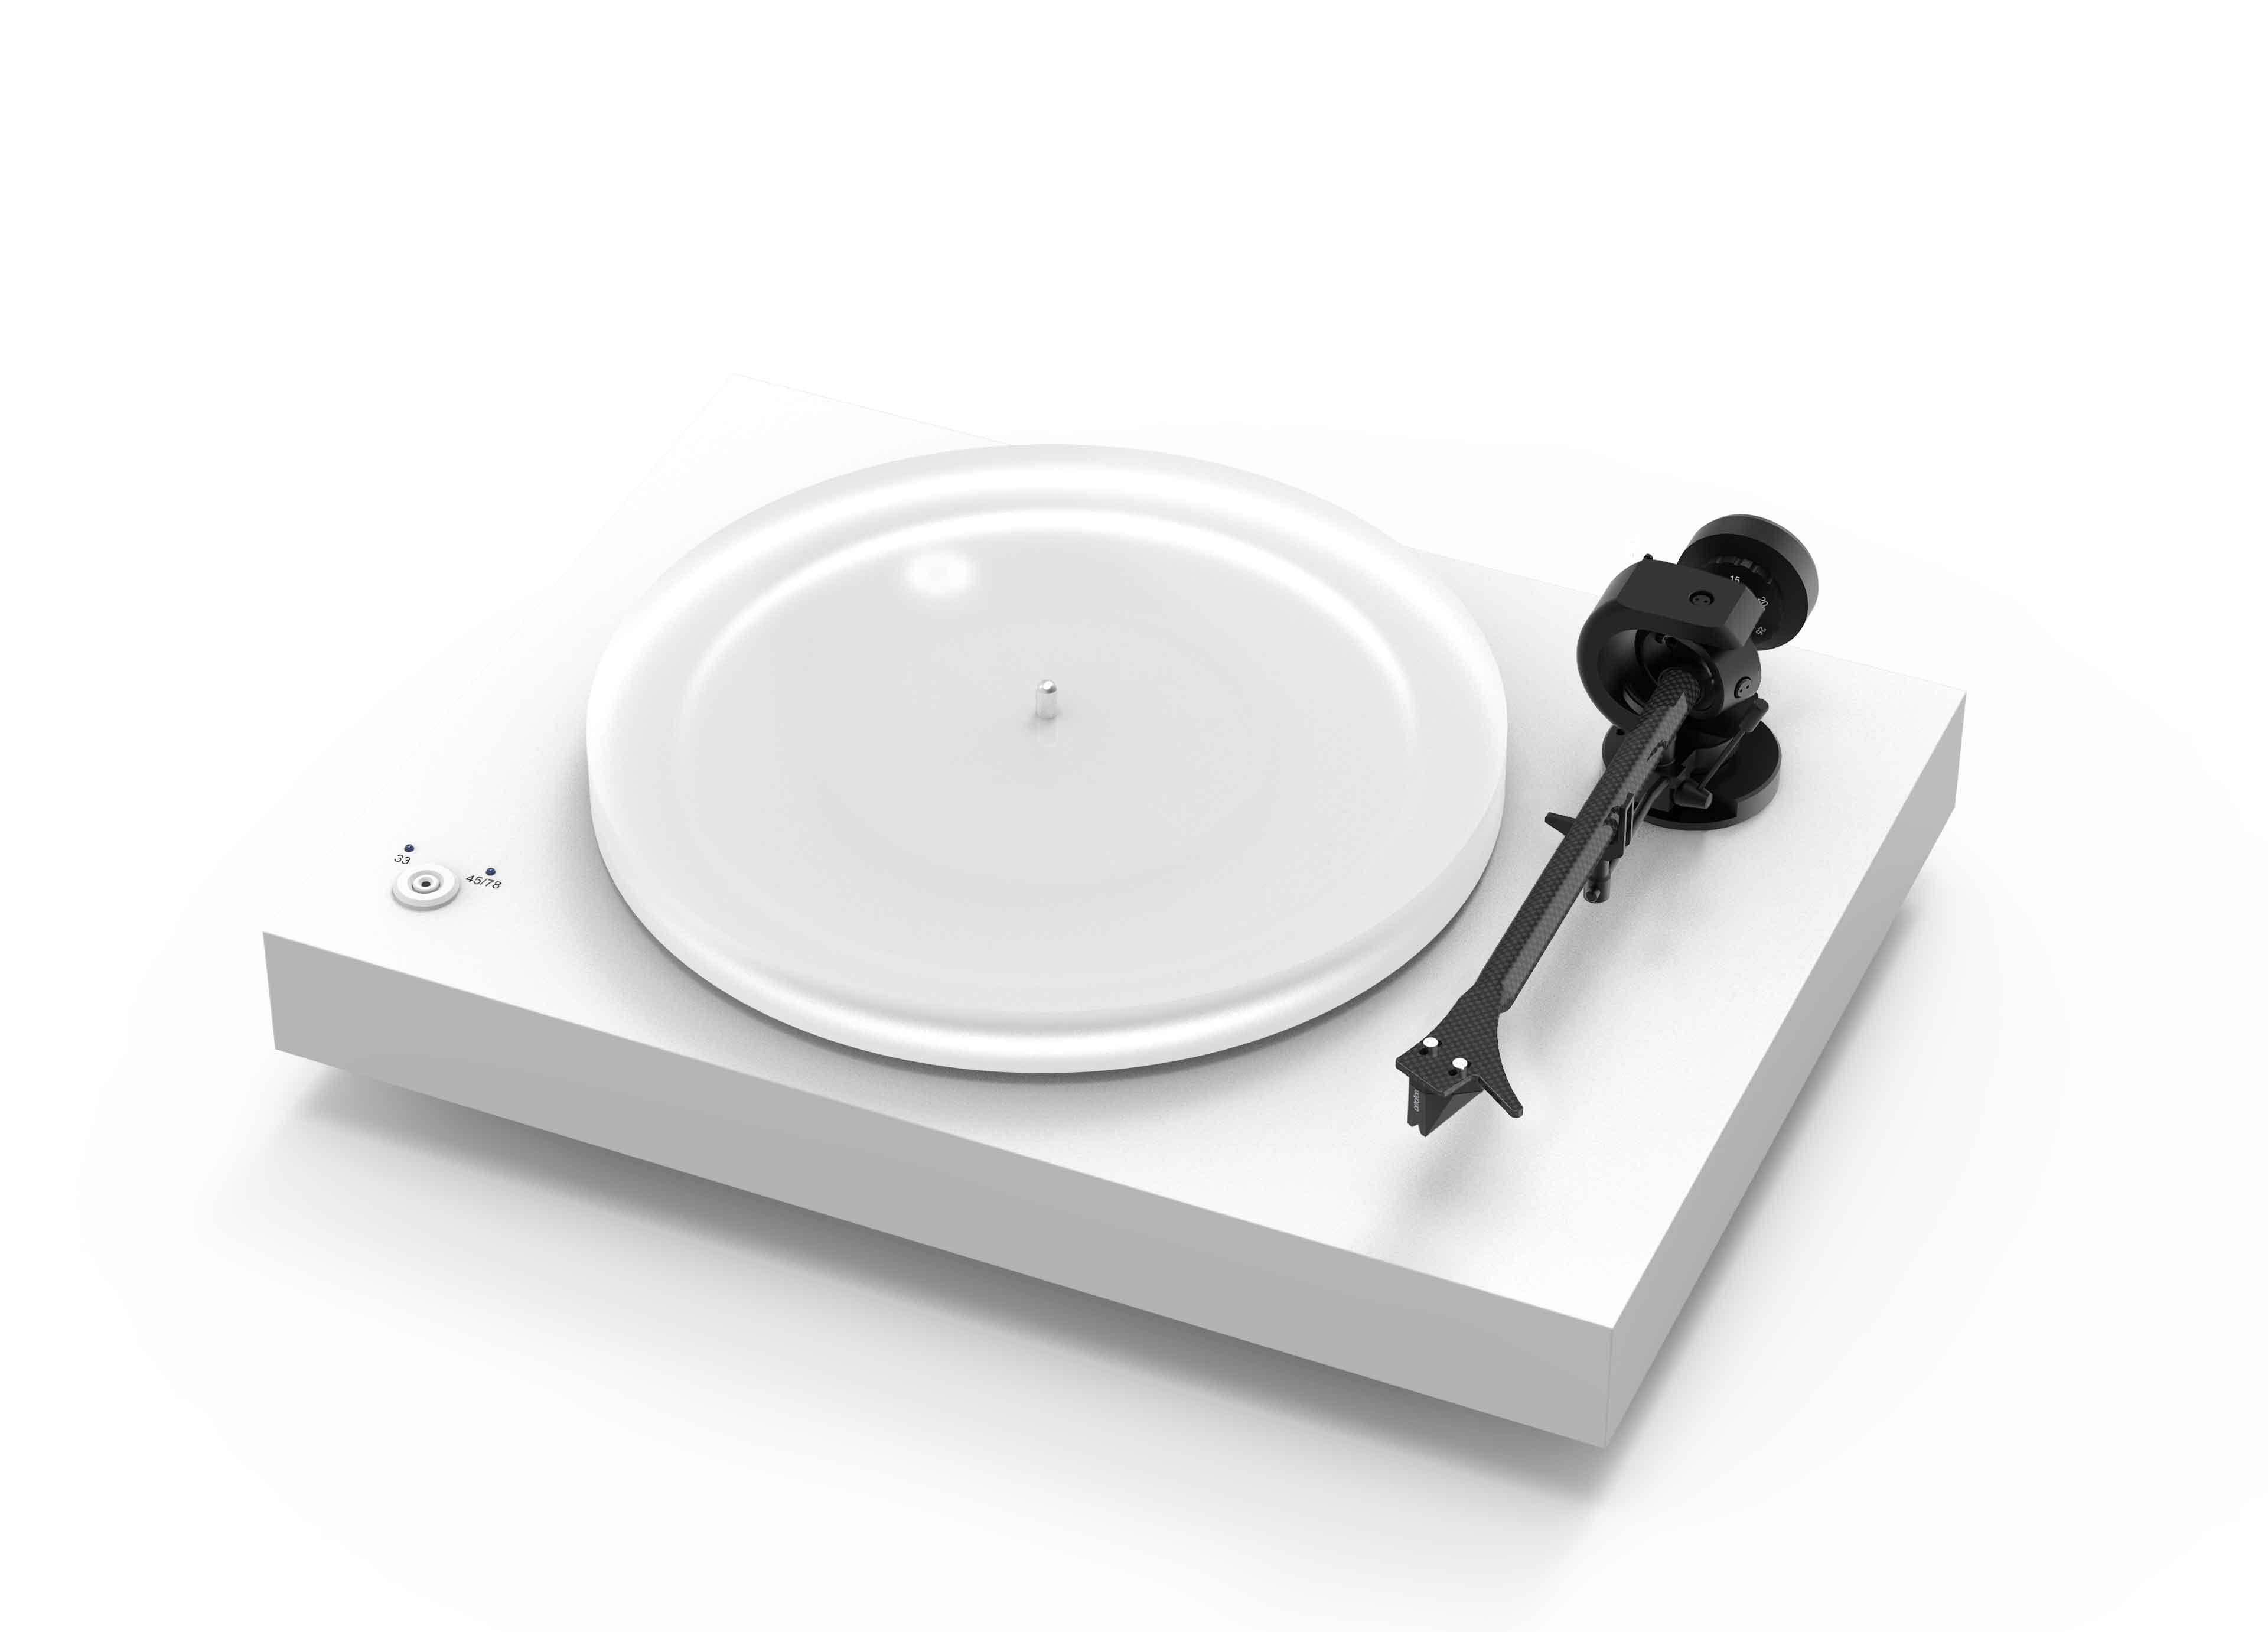 Pro-Ject X2 levysoitin Ortofon 2 M Silver äänirasialla